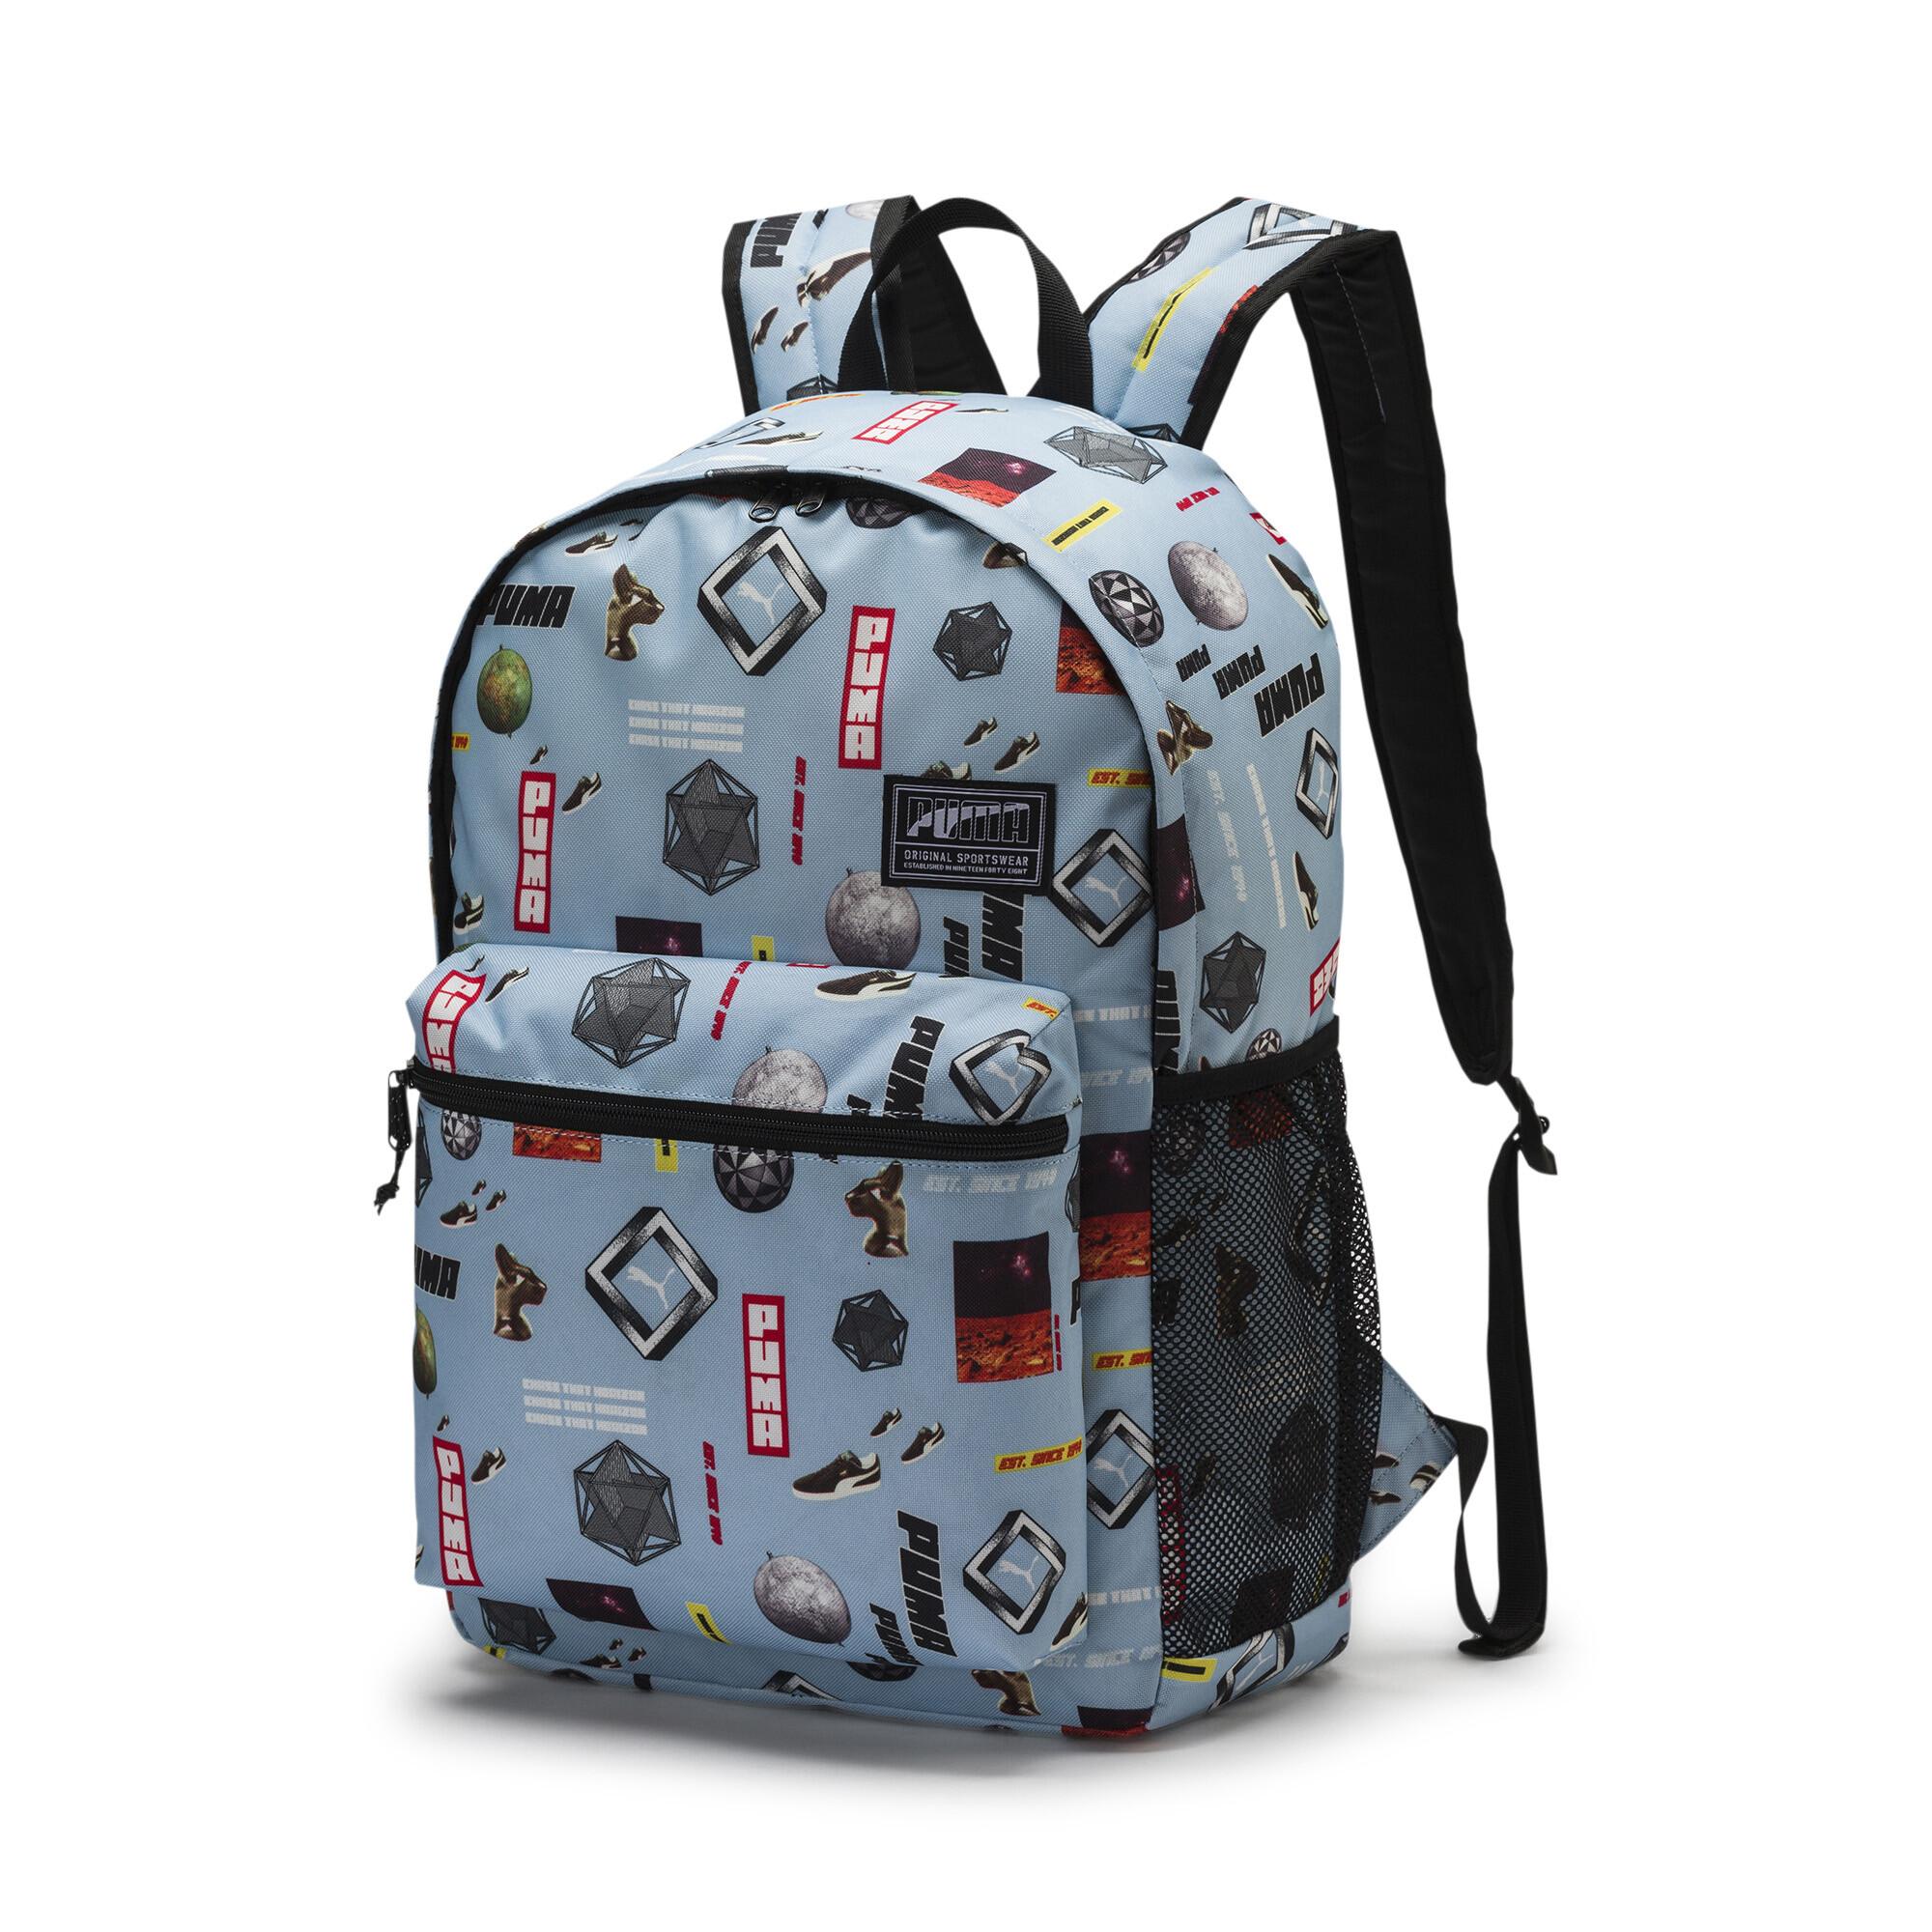 PUMA Academy Backpack